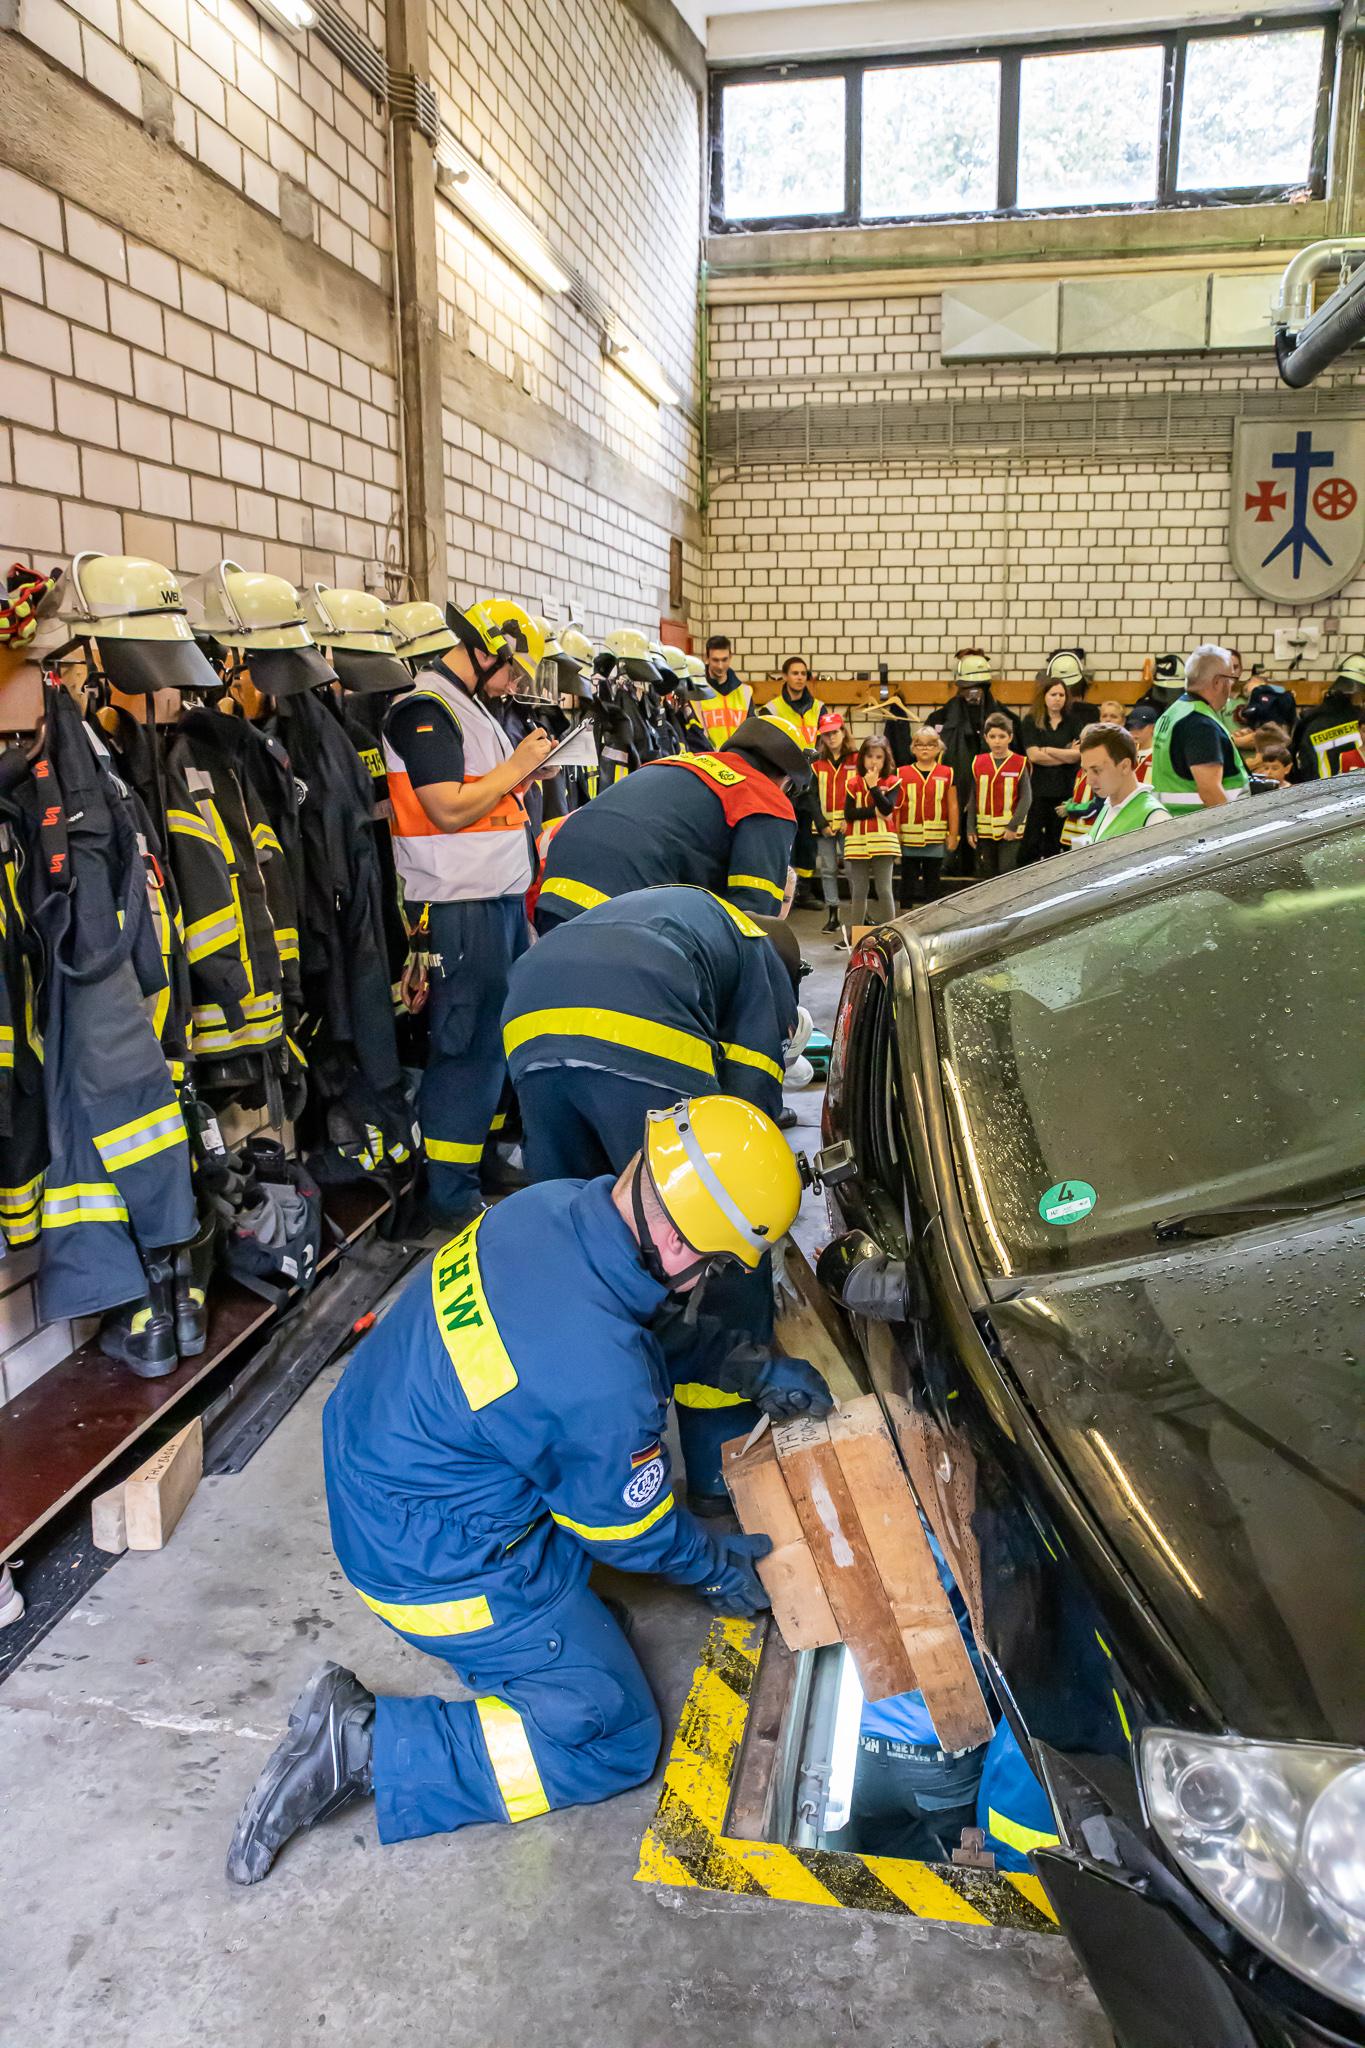 FeuerwehrSim 2019 Werkstatt-5